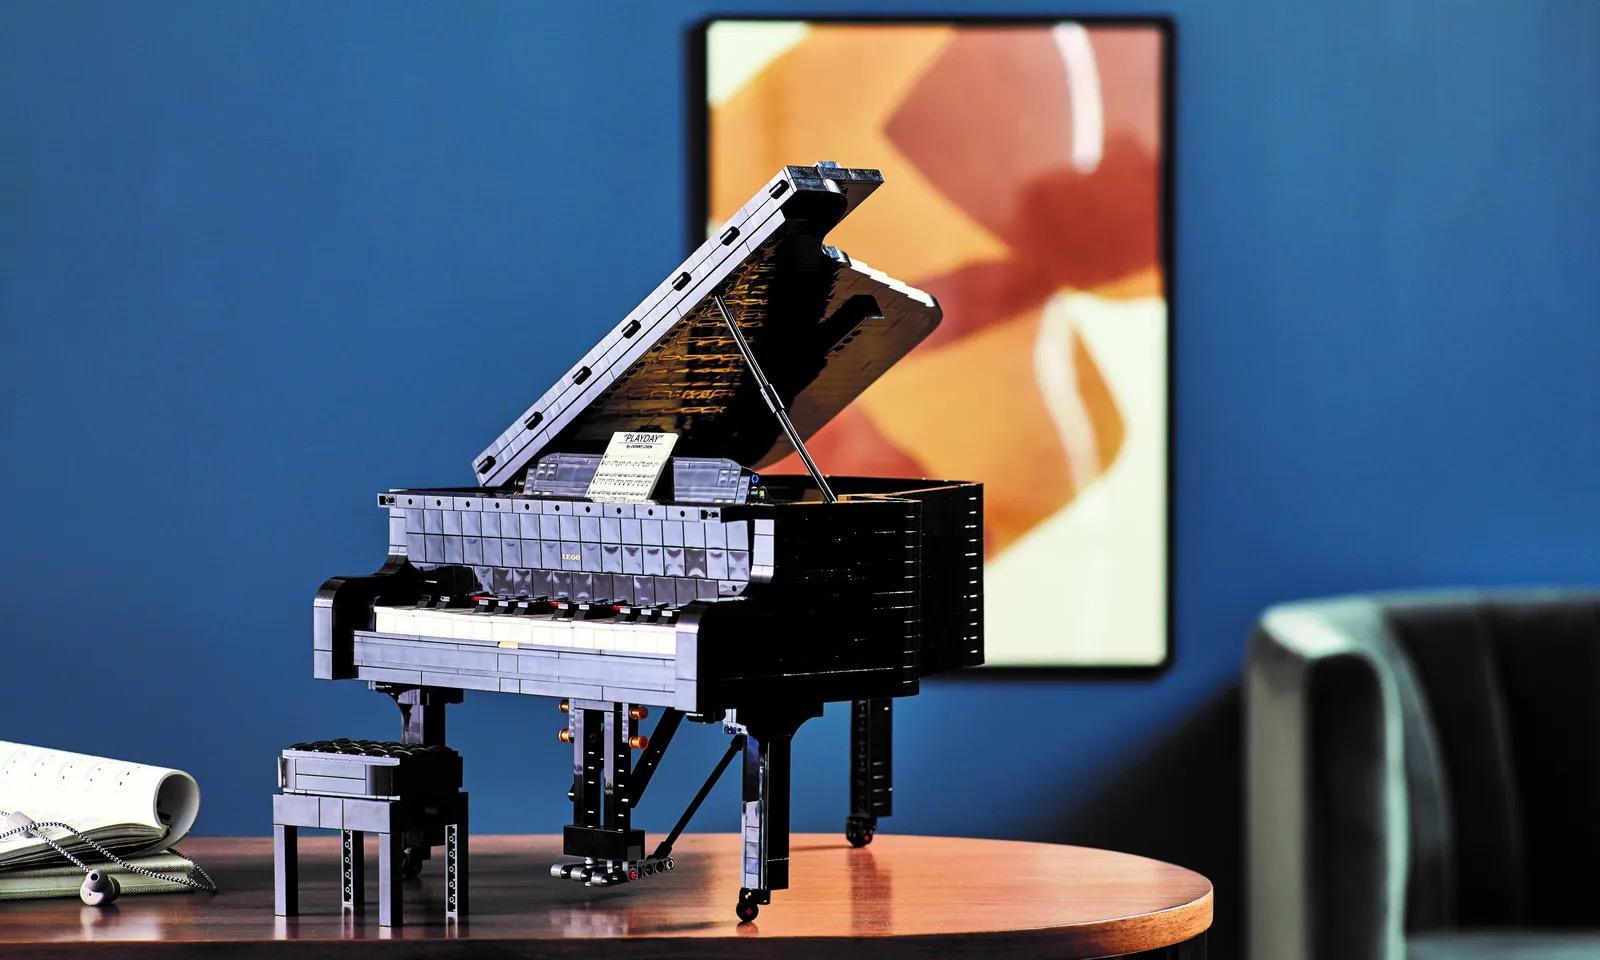 可以尽情「演奏」,LEGO IDEAS 钢琴盒组即将开售